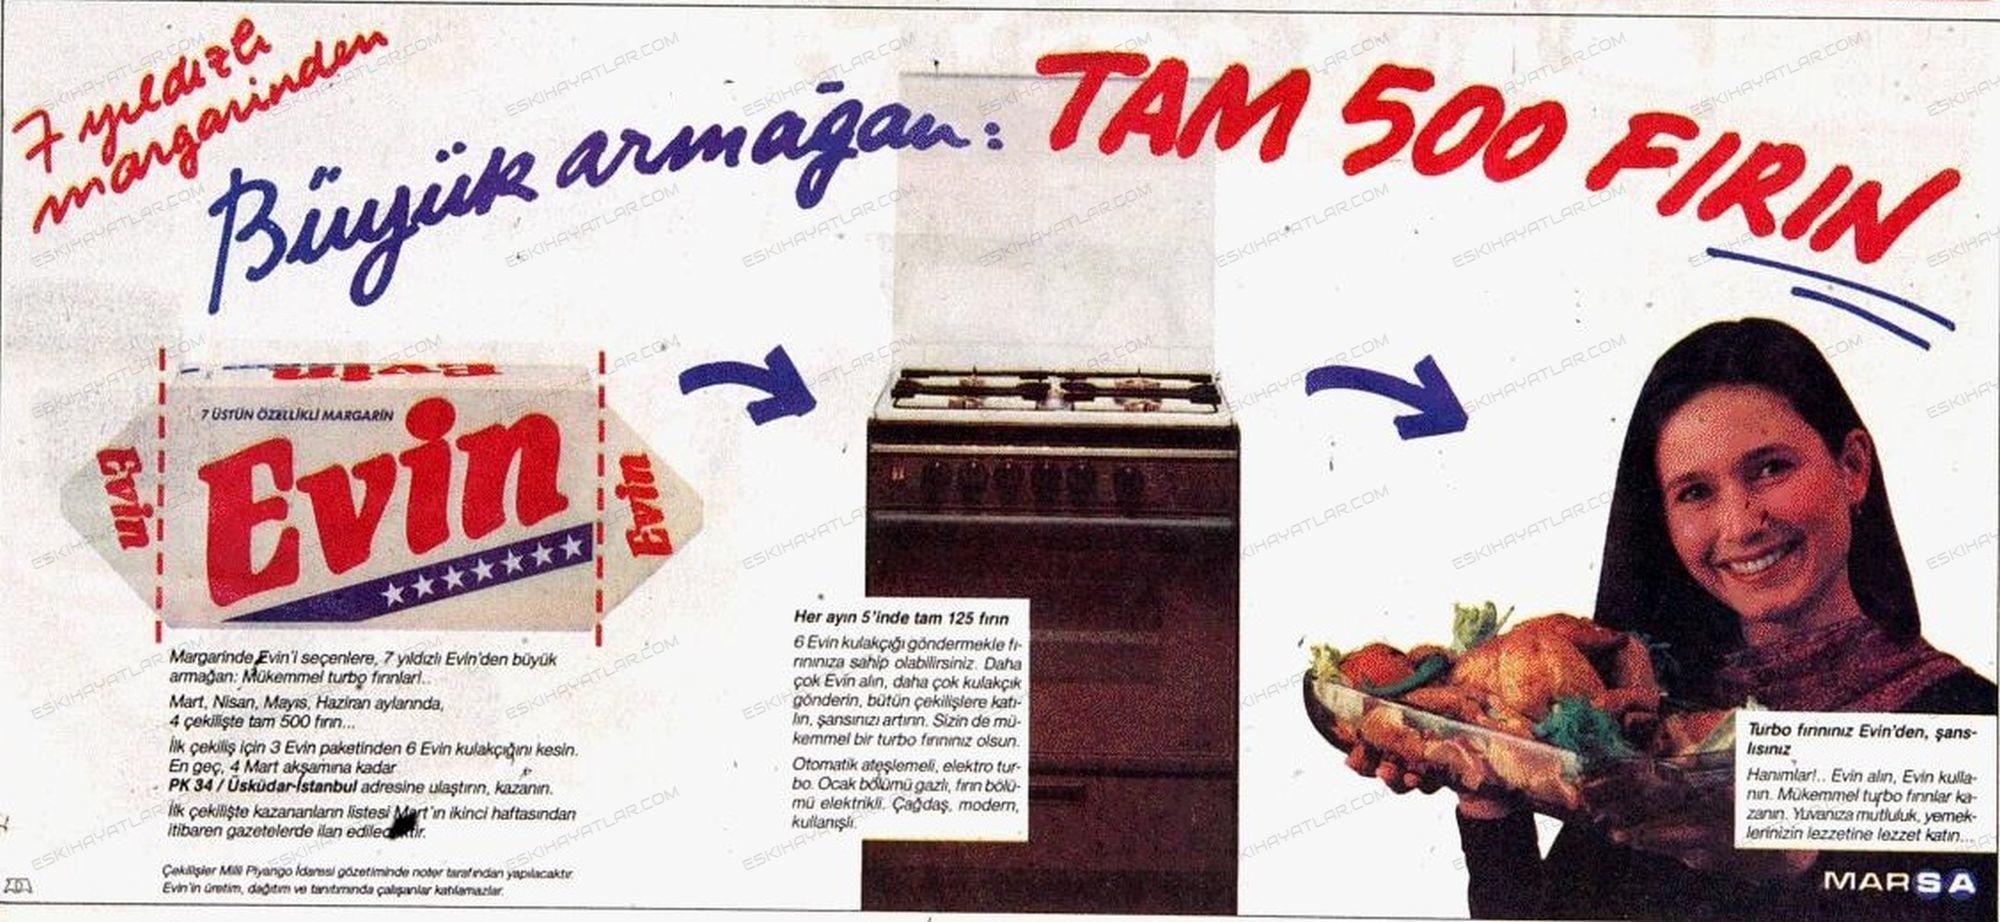 0063-seksenlerde-margarin-reklami-evin-yedi-yildizli-margarin-1989-yilinda-turkiye